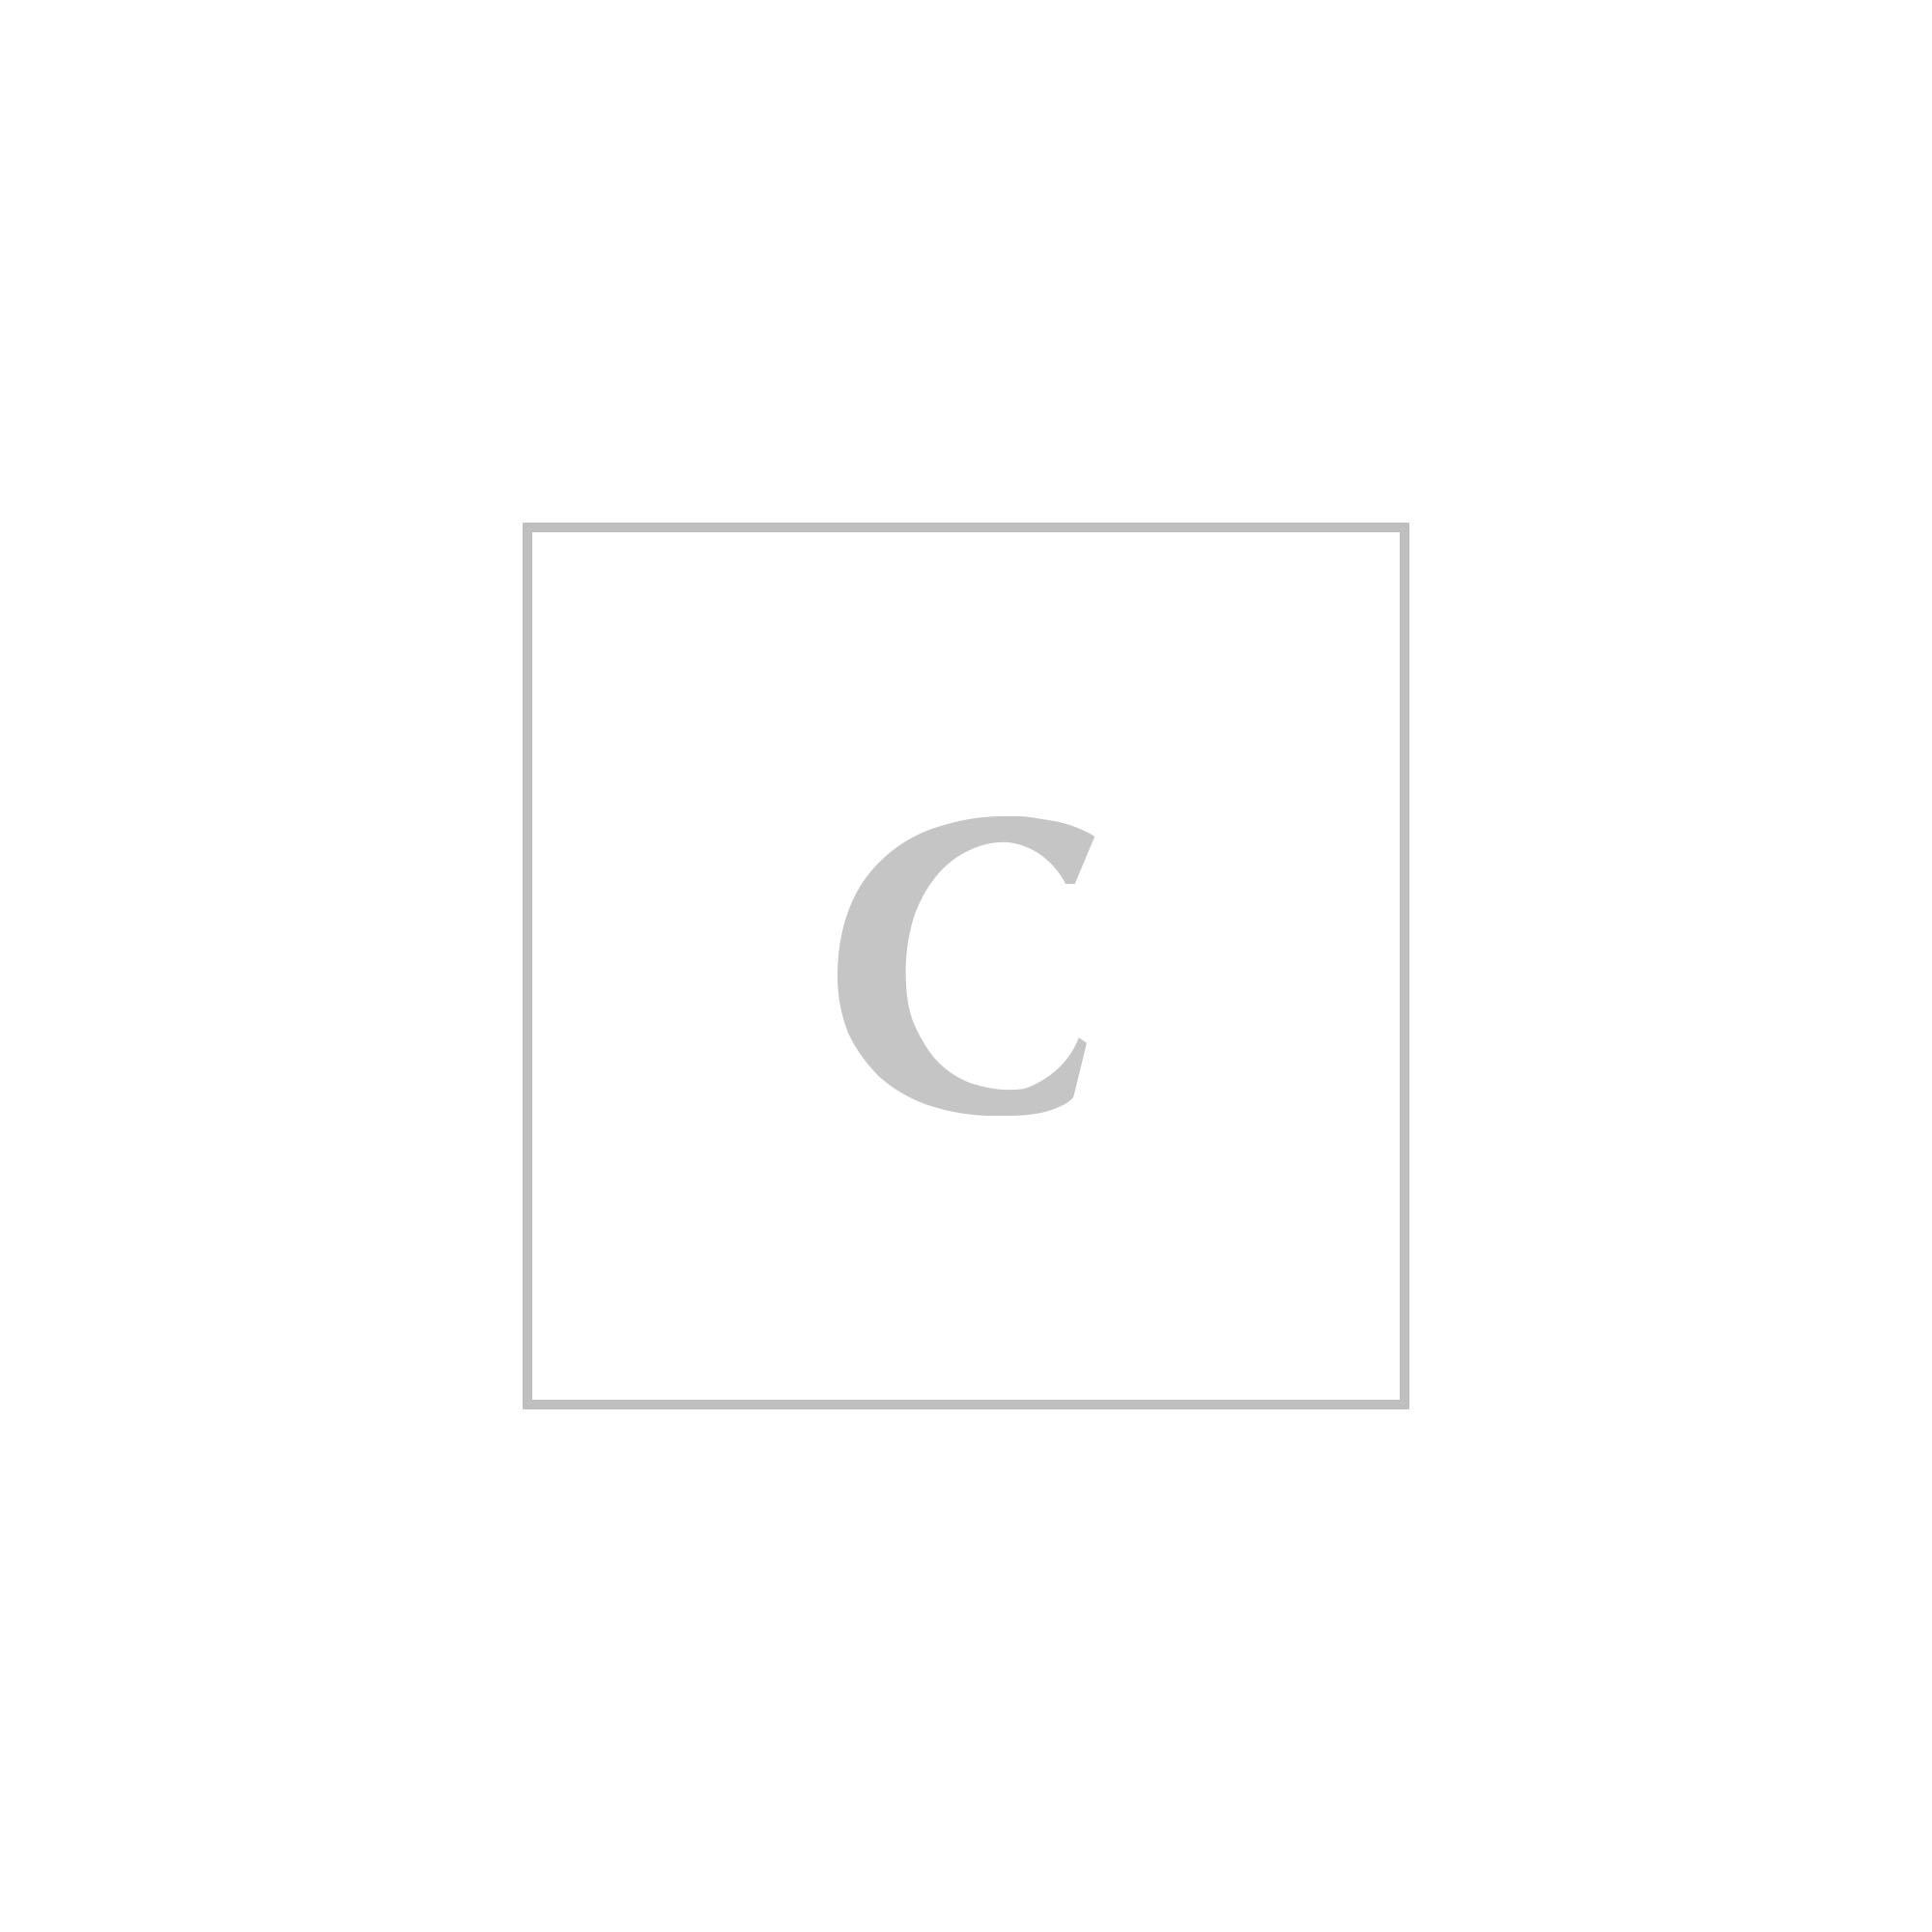 Ohmai clutch antiope mp080